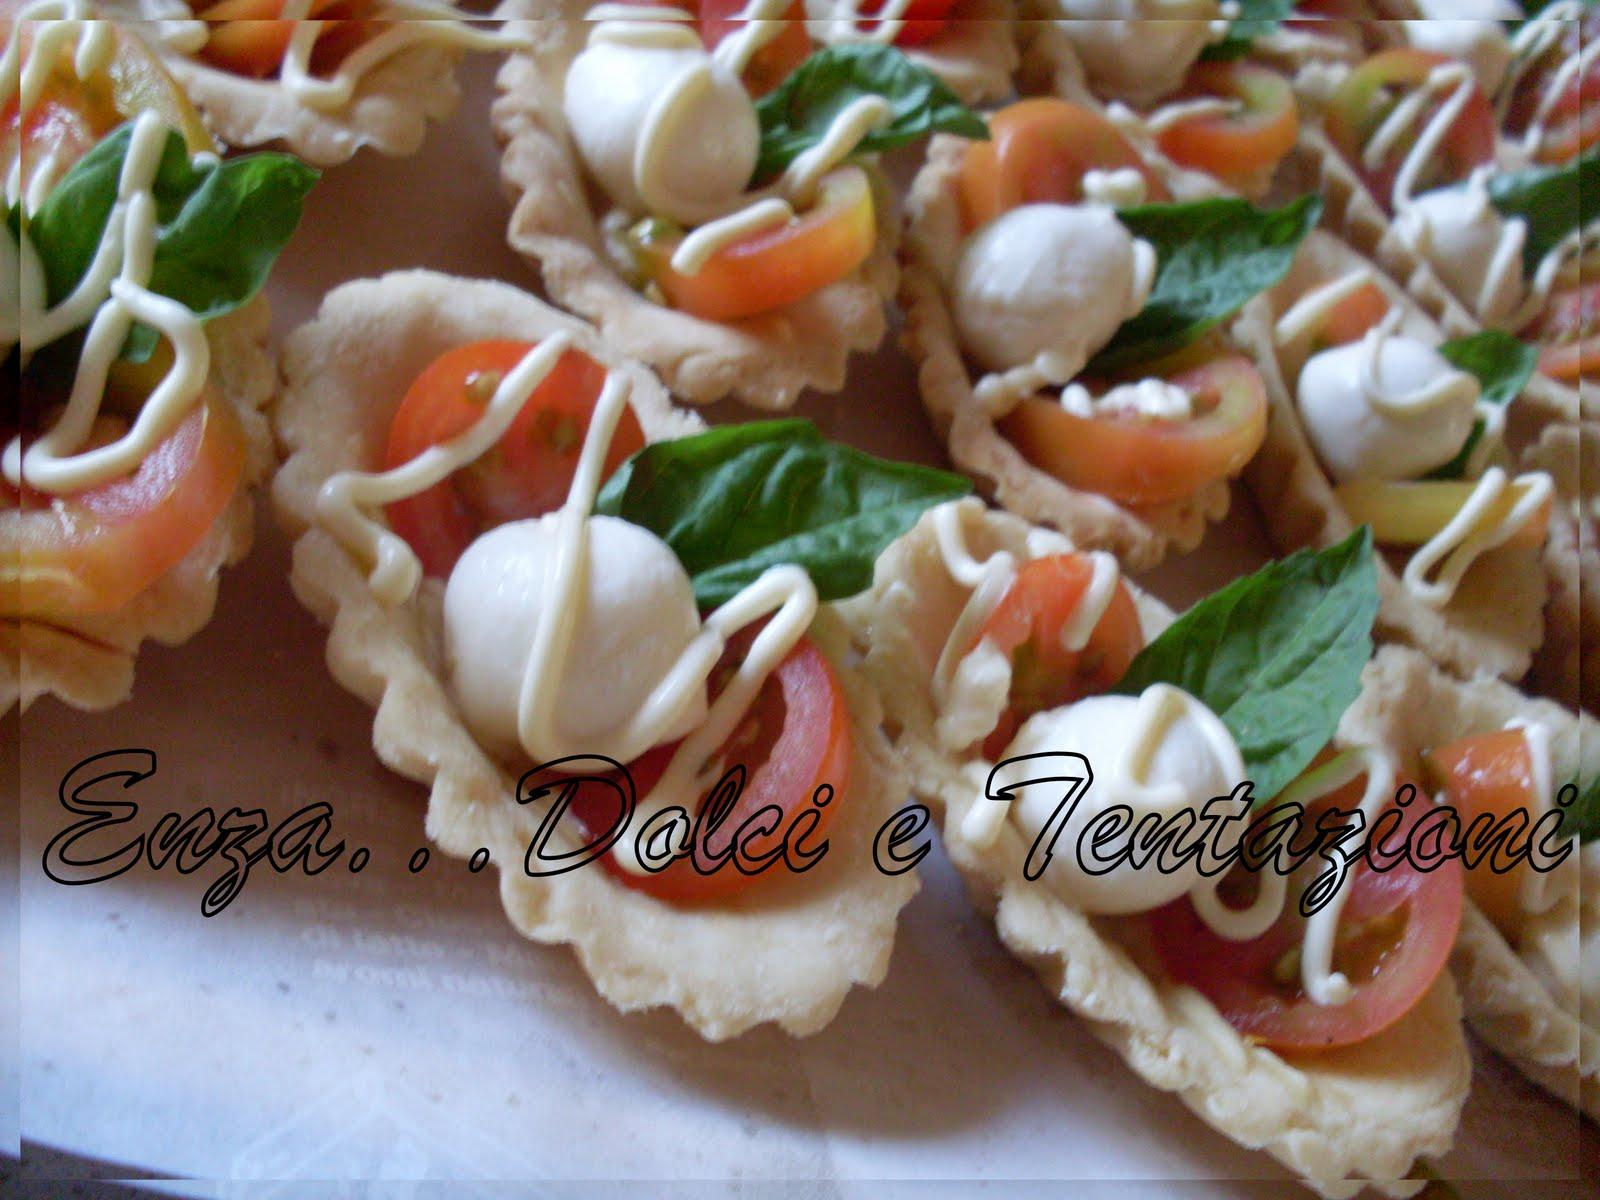 abbastanza dolci-decorazionietentazioni: Tartellettete Capresi FL99